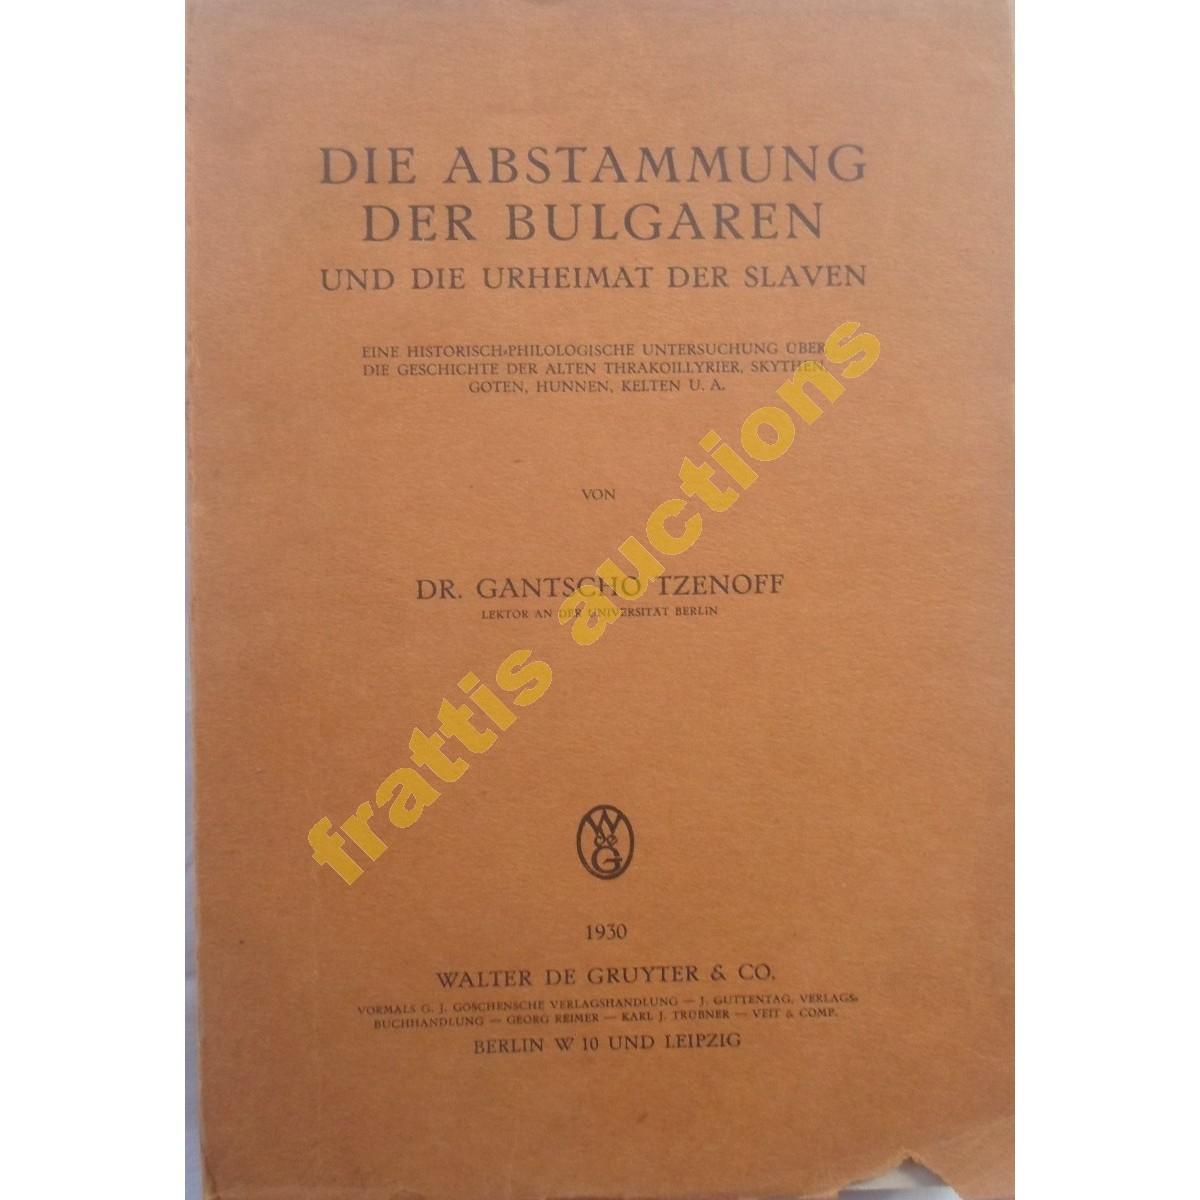 Die Abstammung der Bulgaren und die Urheimat der Slaven, Dr Gantscho Tzenoff, Βερολίνο 1930.